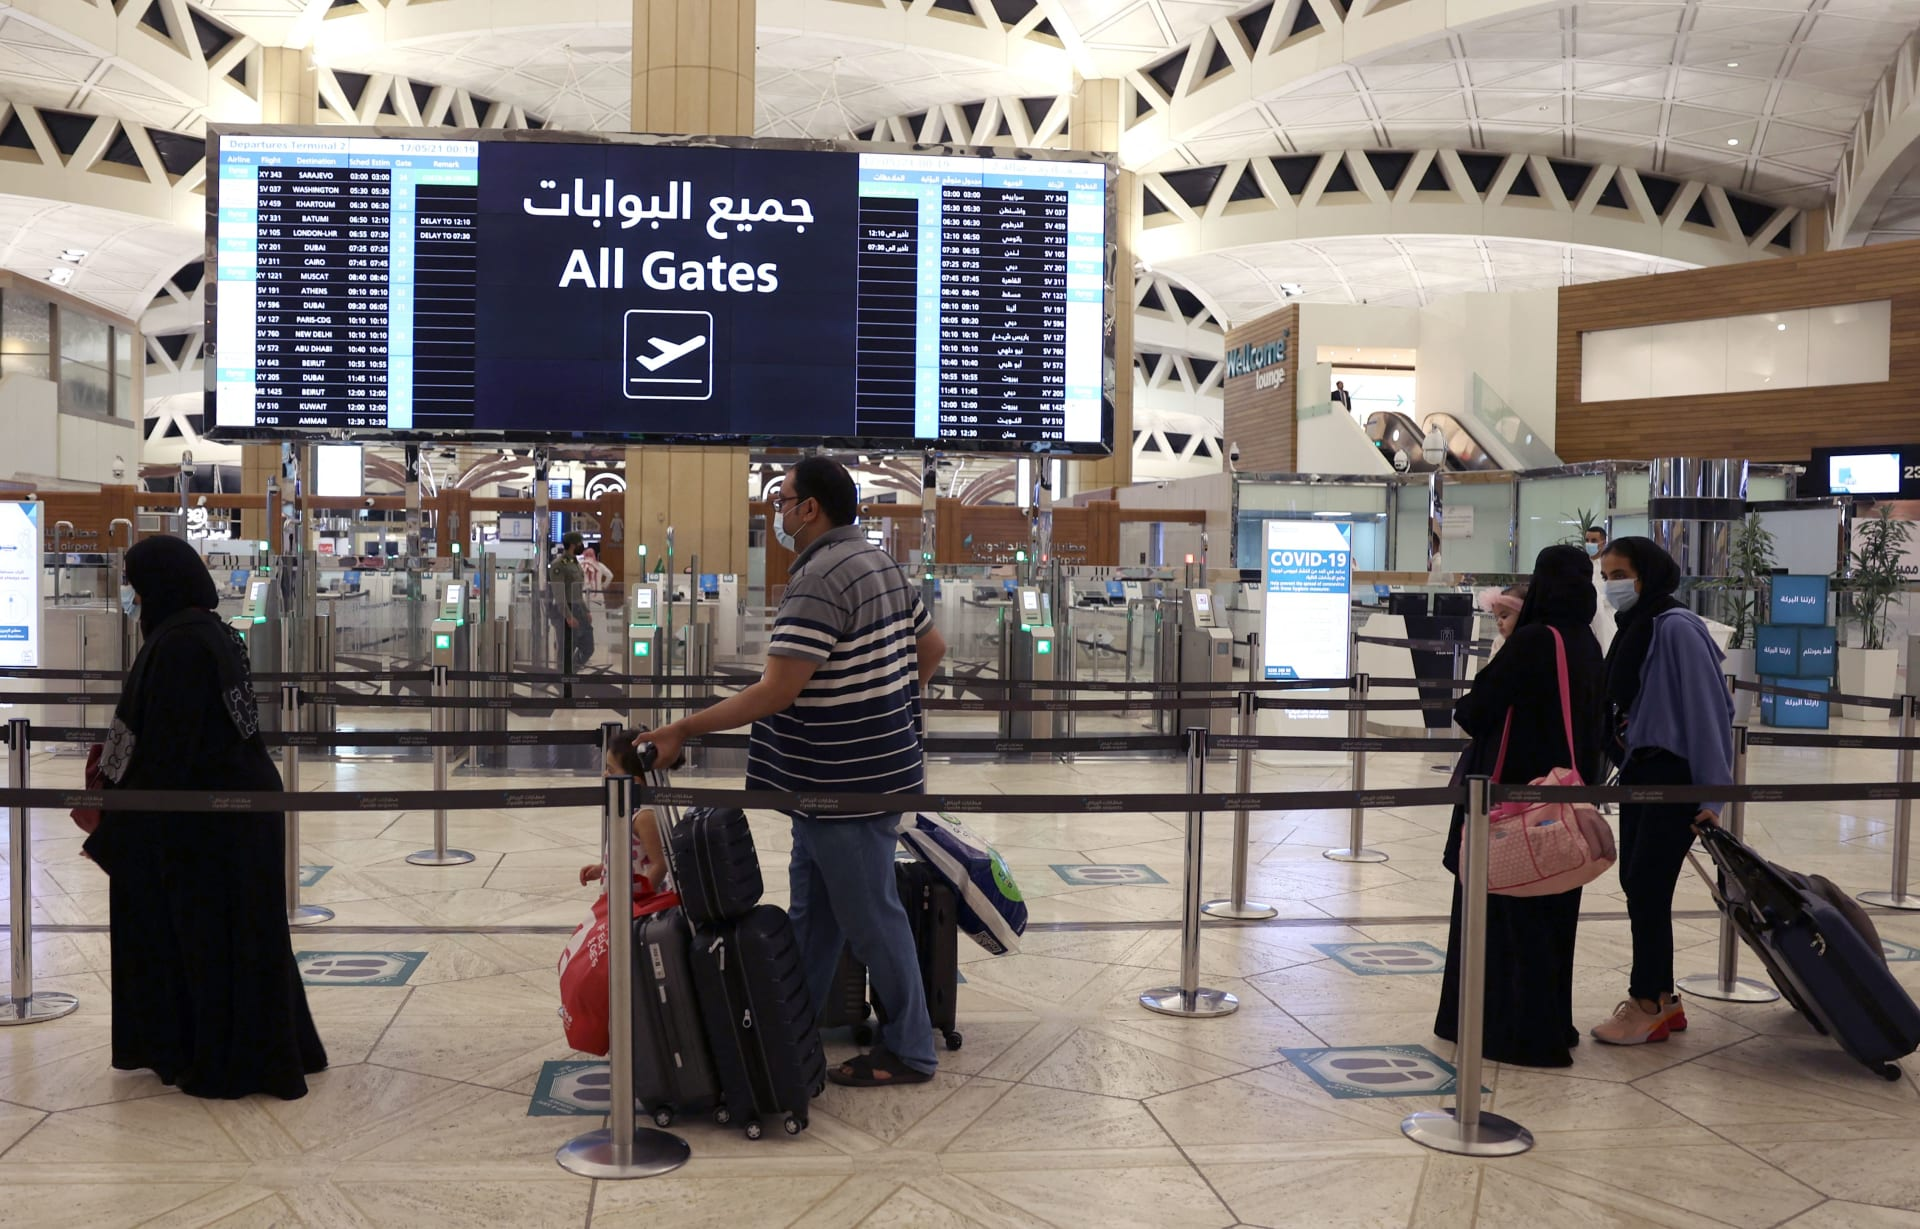 صورة أرشيفية لمطار الملك خالد في العاصمة السعودية، الرياض